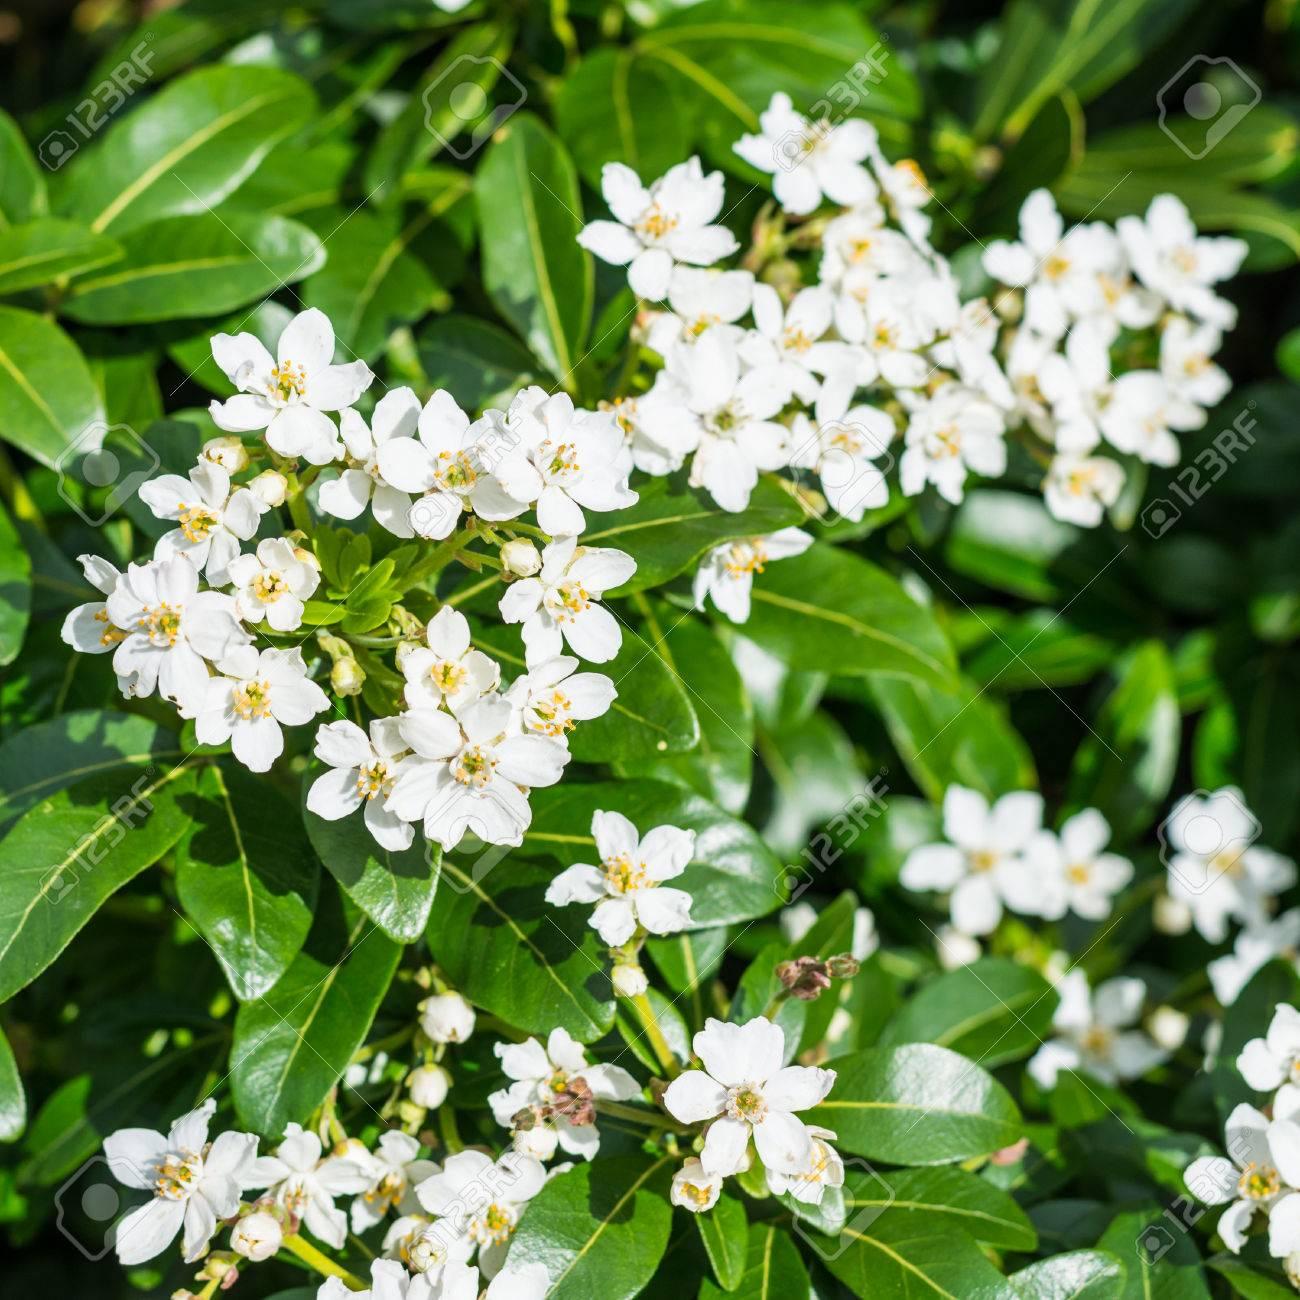 Una Foto De Unas Flores Blancas De Un Arbusto De Floración Tardía ...